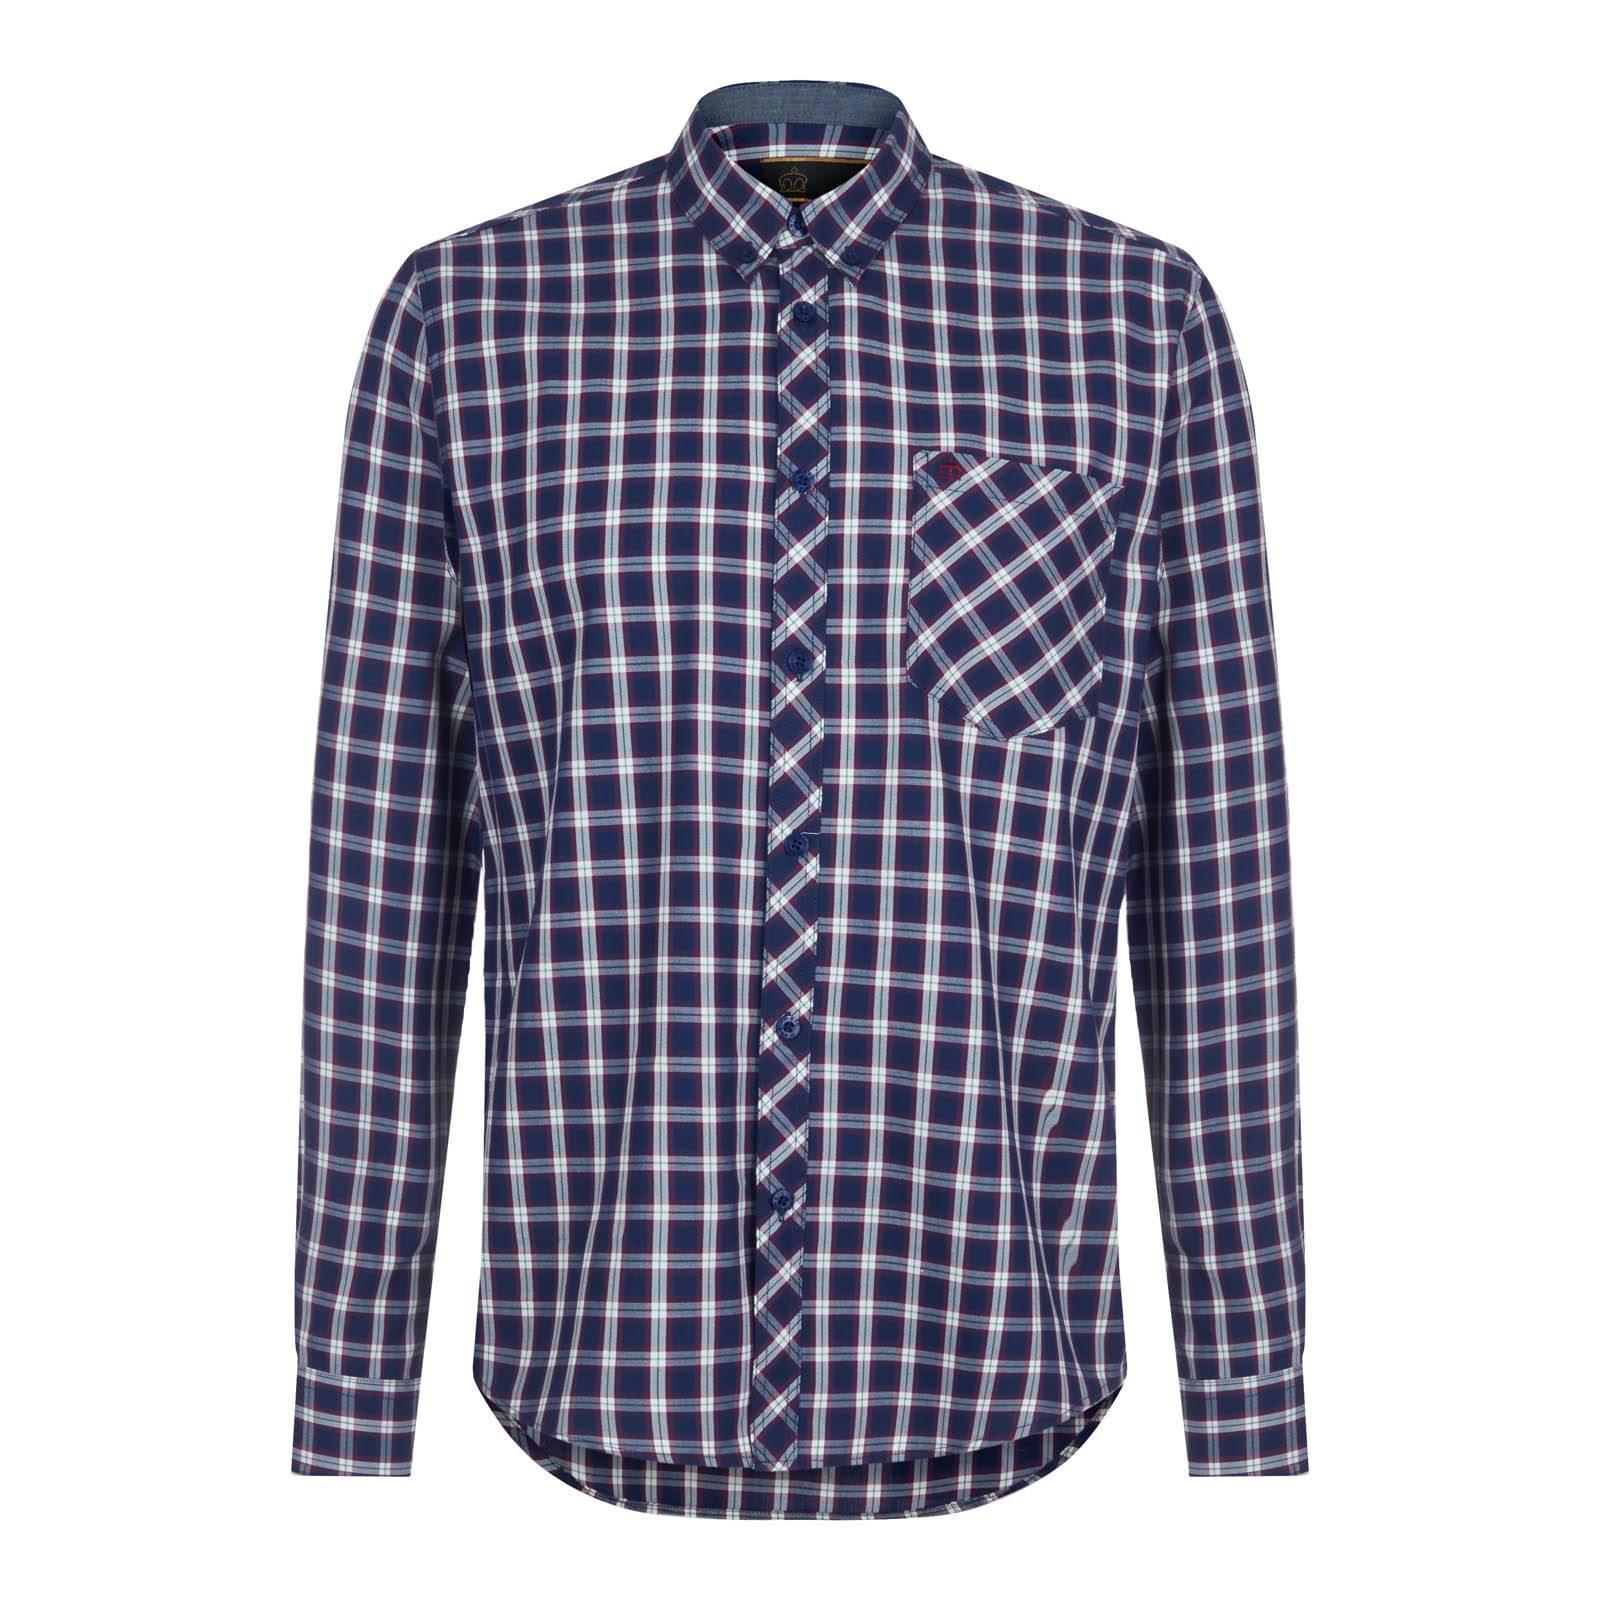 Рубашка SanctonРубашки<br>Приталенного фасона мужская рубашка, пошитая из комбинированного текстильного полотна на основе хлопка и полиэстера. Такая комбинация материалов делает ткань мягкой, тонкой и шелковистой, но при этом достаточно прочной и исключительно долговечной. Актуальный в последние годы и крайне востребованный сегодня широкий клетчатый узор представляет собой лаконичный тартан с упрощенной структурой — в сочетании с фирменным button-down воротником этот орнамент образует идеальную пару с трикотажем крупной вязки или стеганой курткой с вельветовым воротником. Благодаря удлиненной спинке рубашка не выправляется из брюк при каждом движении. Также её можно носить навыпуск с чиносами или шортами. Брендирована логотипом Корона, вышитым контрастными нитями на нагрудном кармане.<br><br>Артикул: 1516208<br>Материал: 60% хлопок, 40% полиэстер<br>Цвет: синий<br>Пол: Мужской